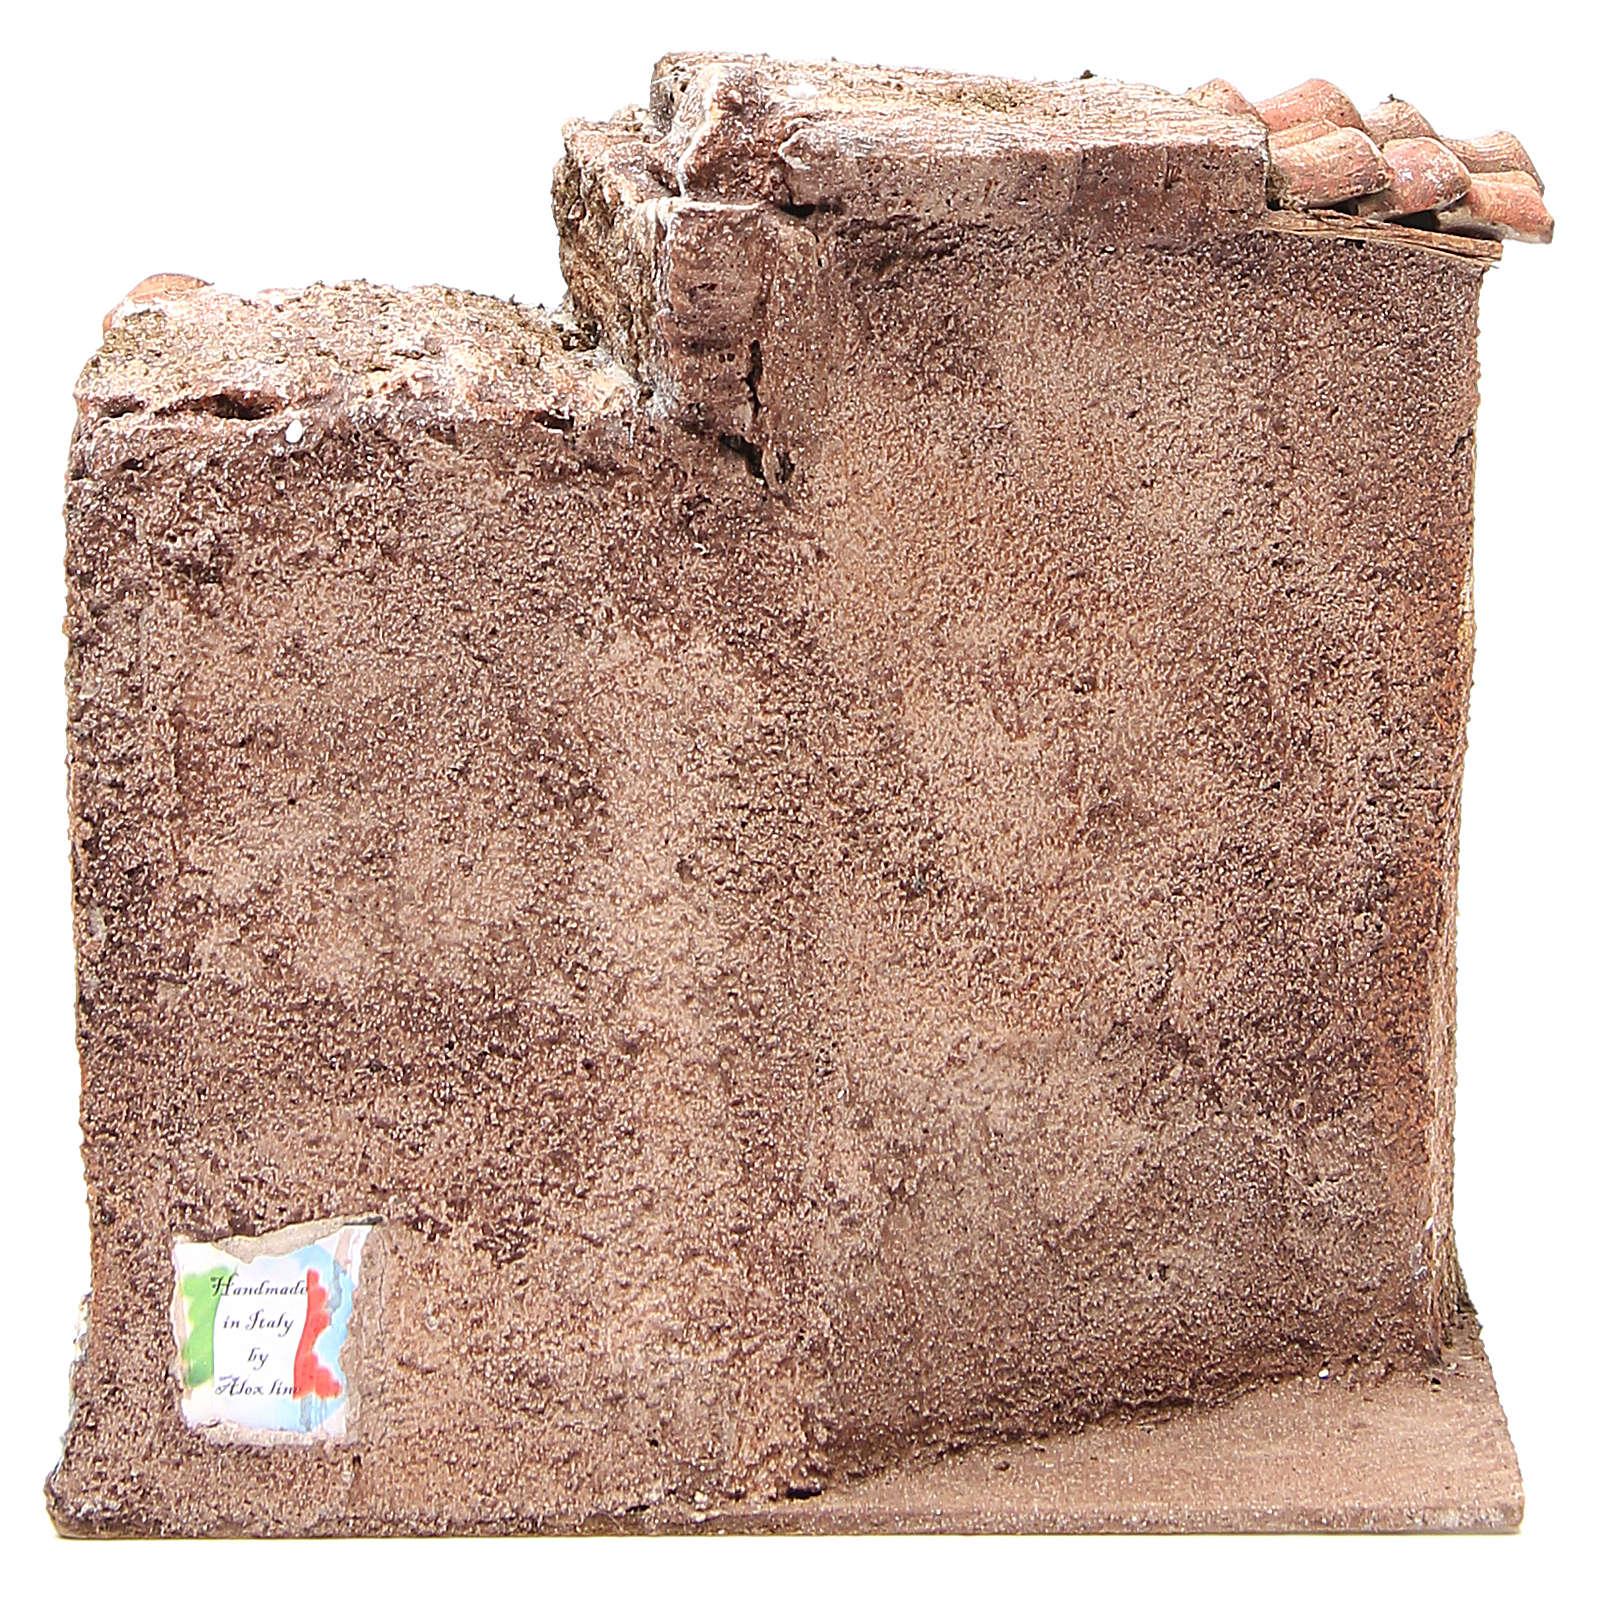 Cabaña presebre tejas terracota 20x25x15cm 4